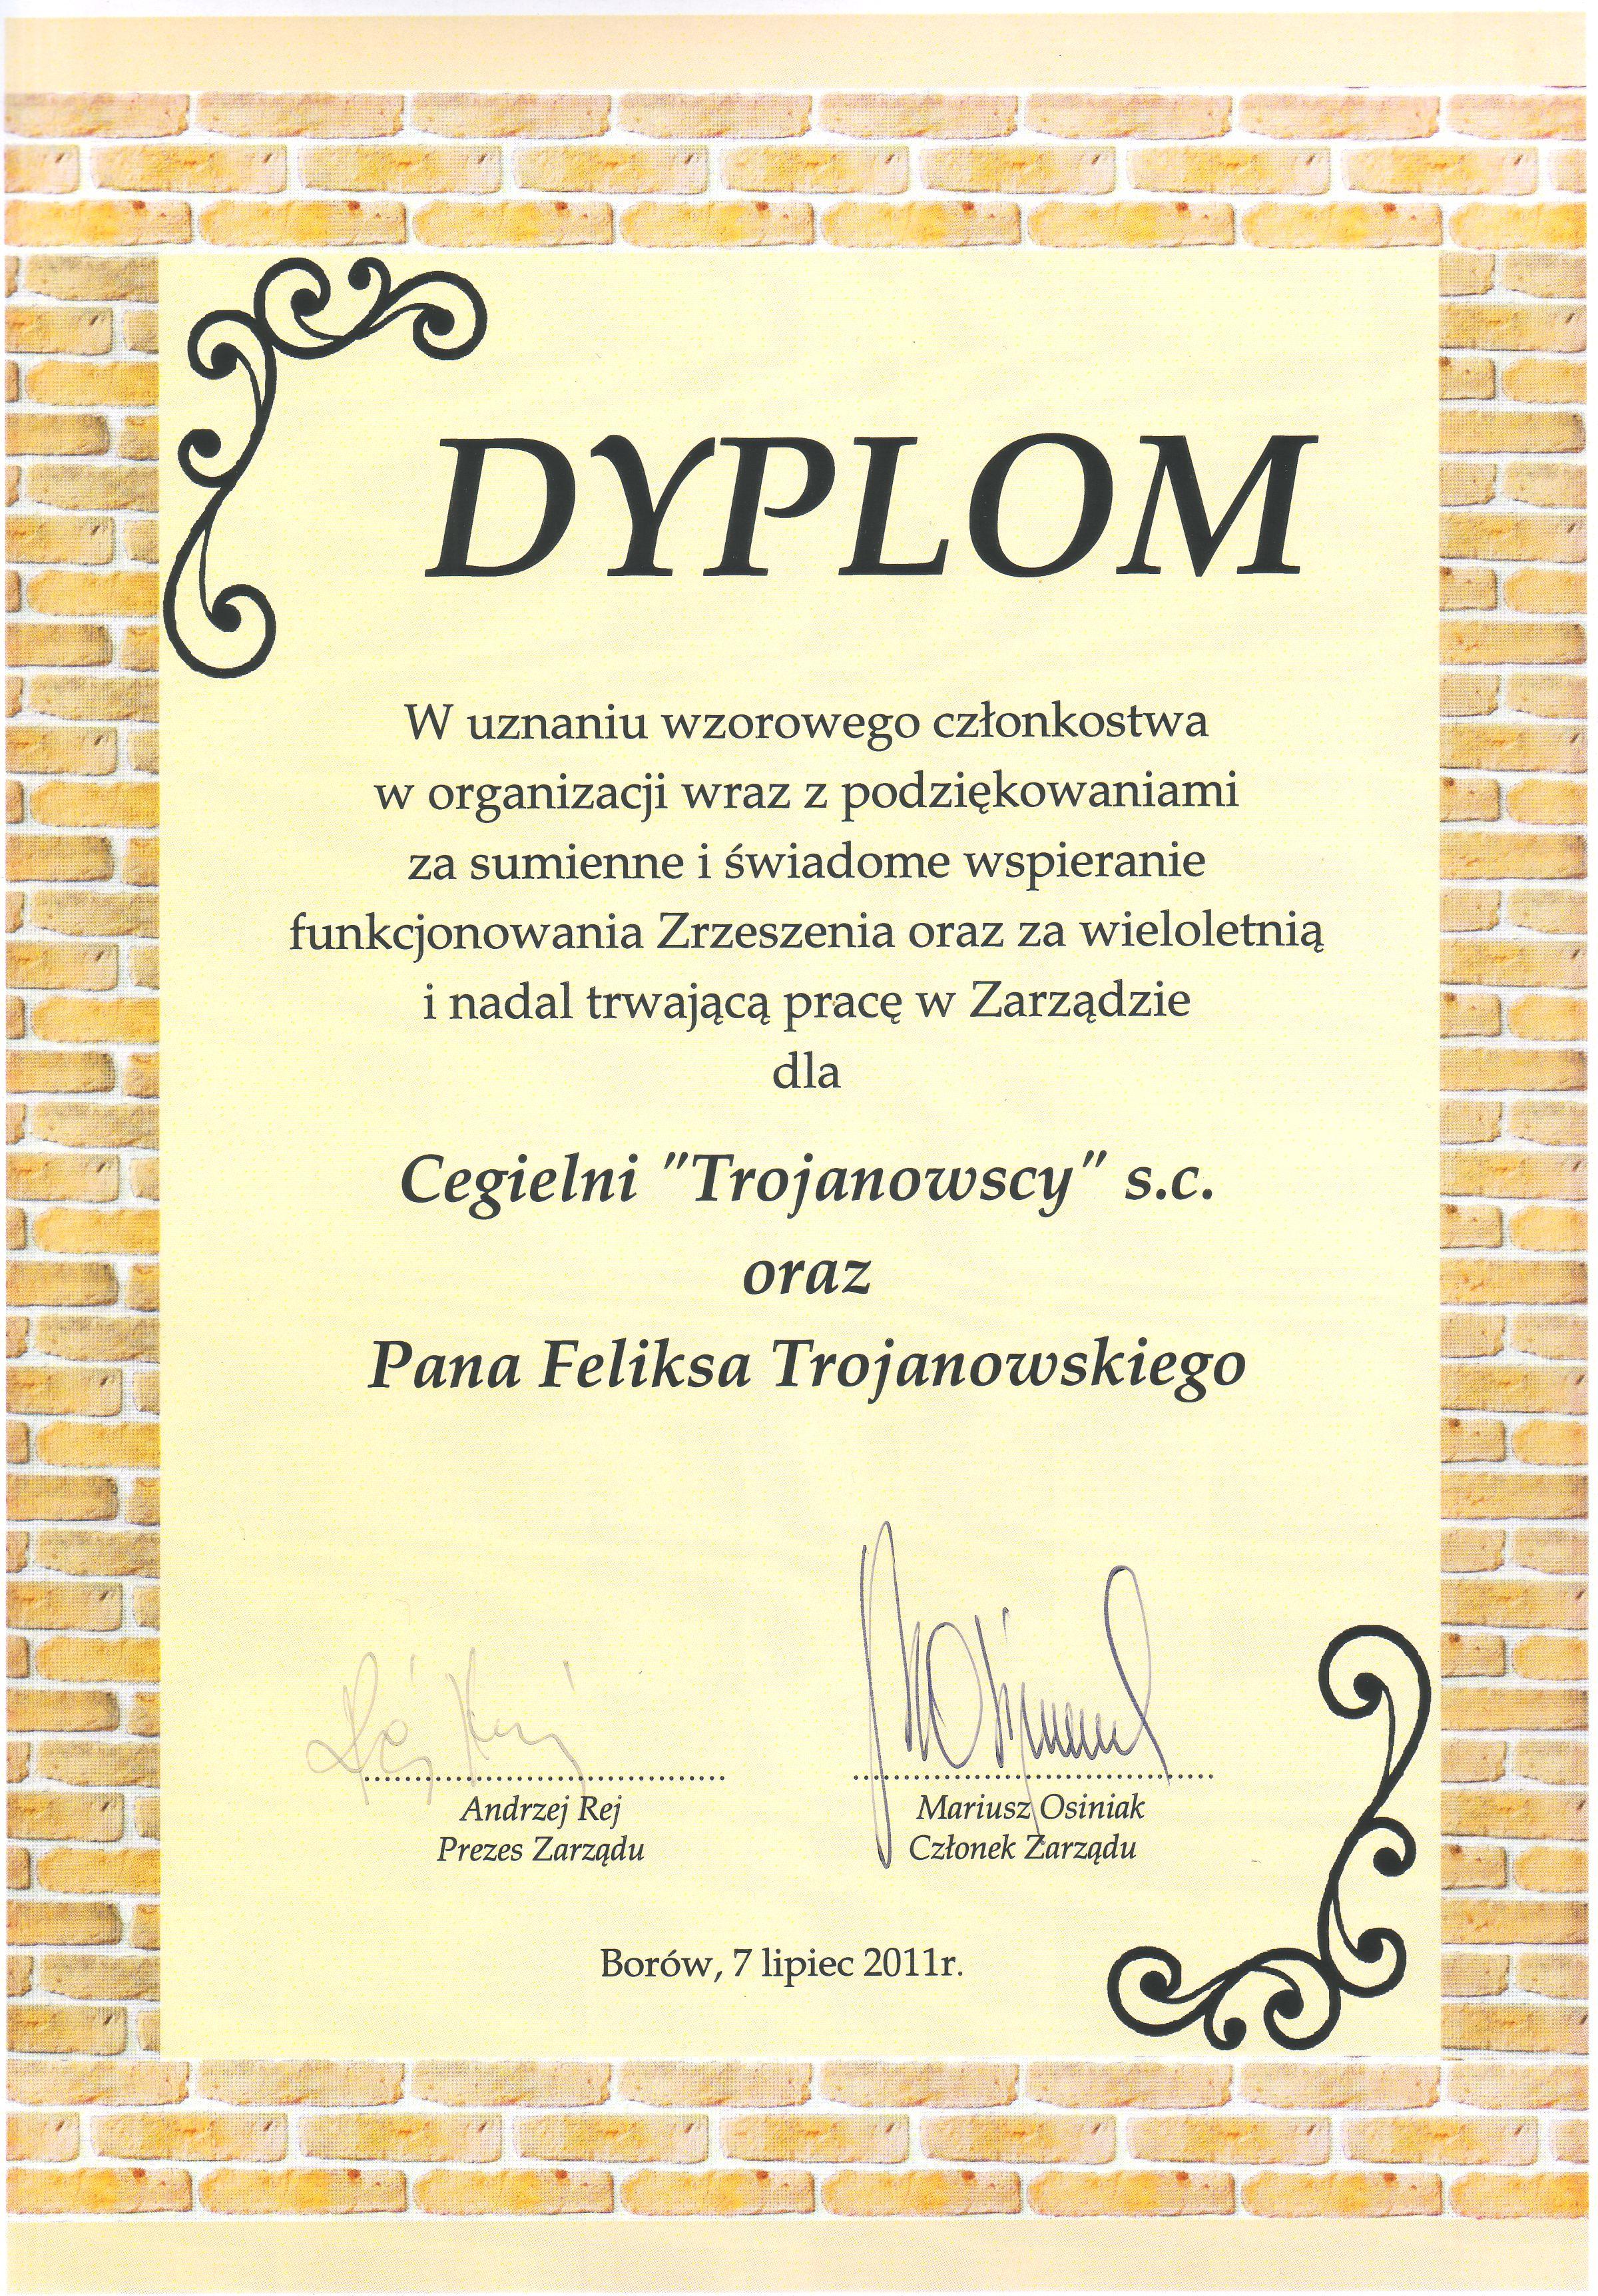 Otrzymaliśmy dyplom za wspieranie zrzeszenia CERBUD